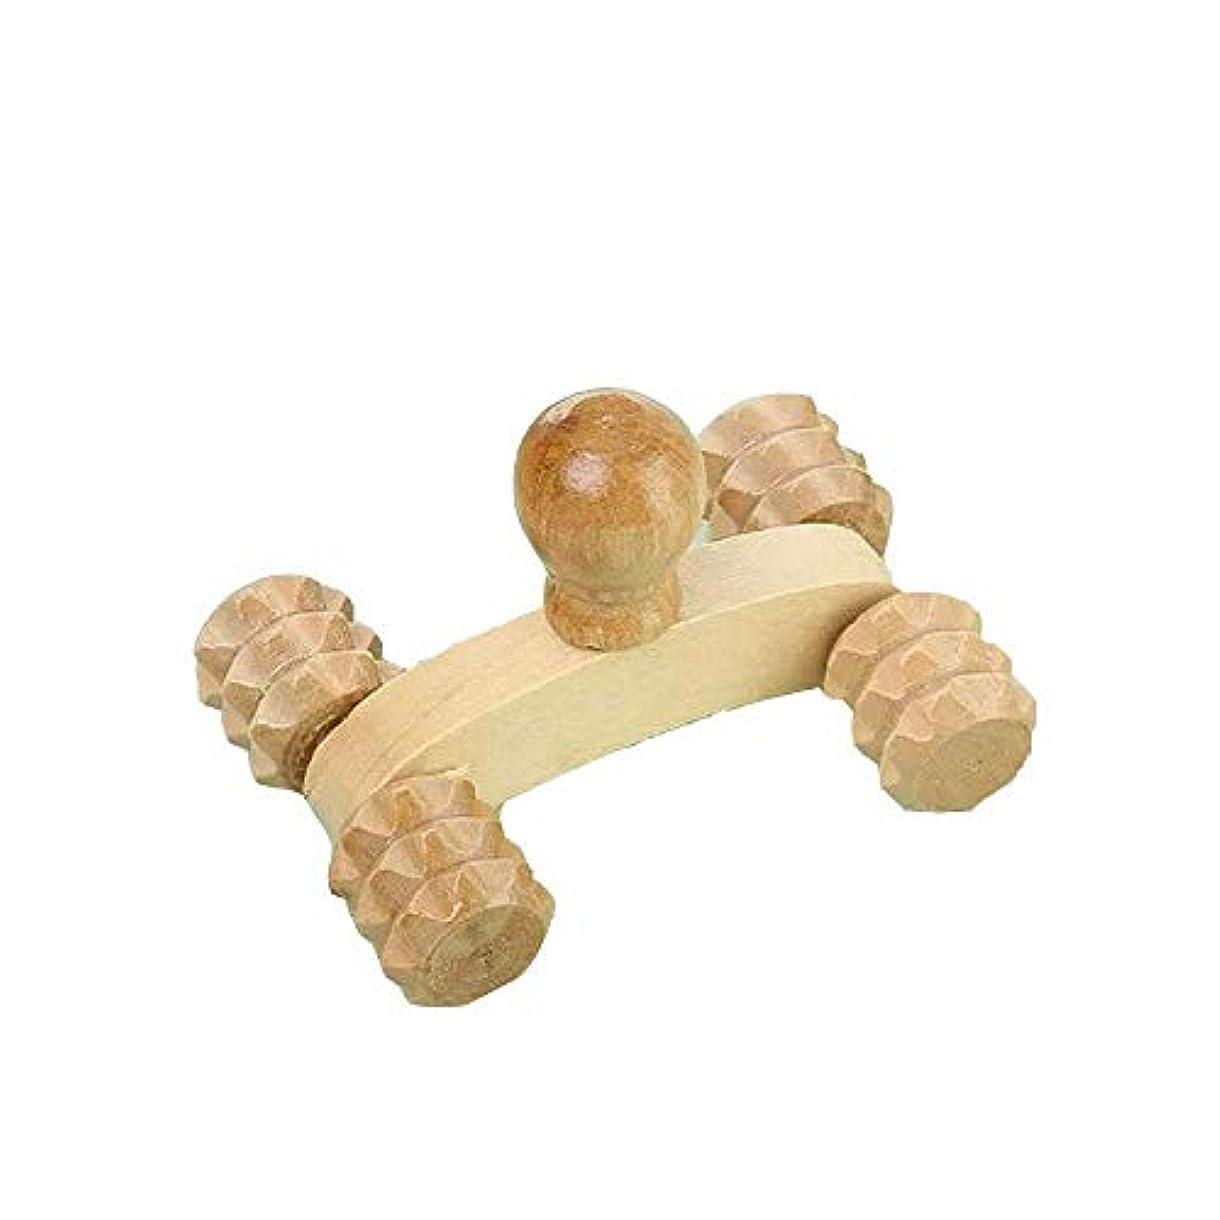 川アナニバー本質的ではないマッサージャー 木製四輪手動 首、足、背中、ネックマッサージャー 宅 オフィス ポータブル